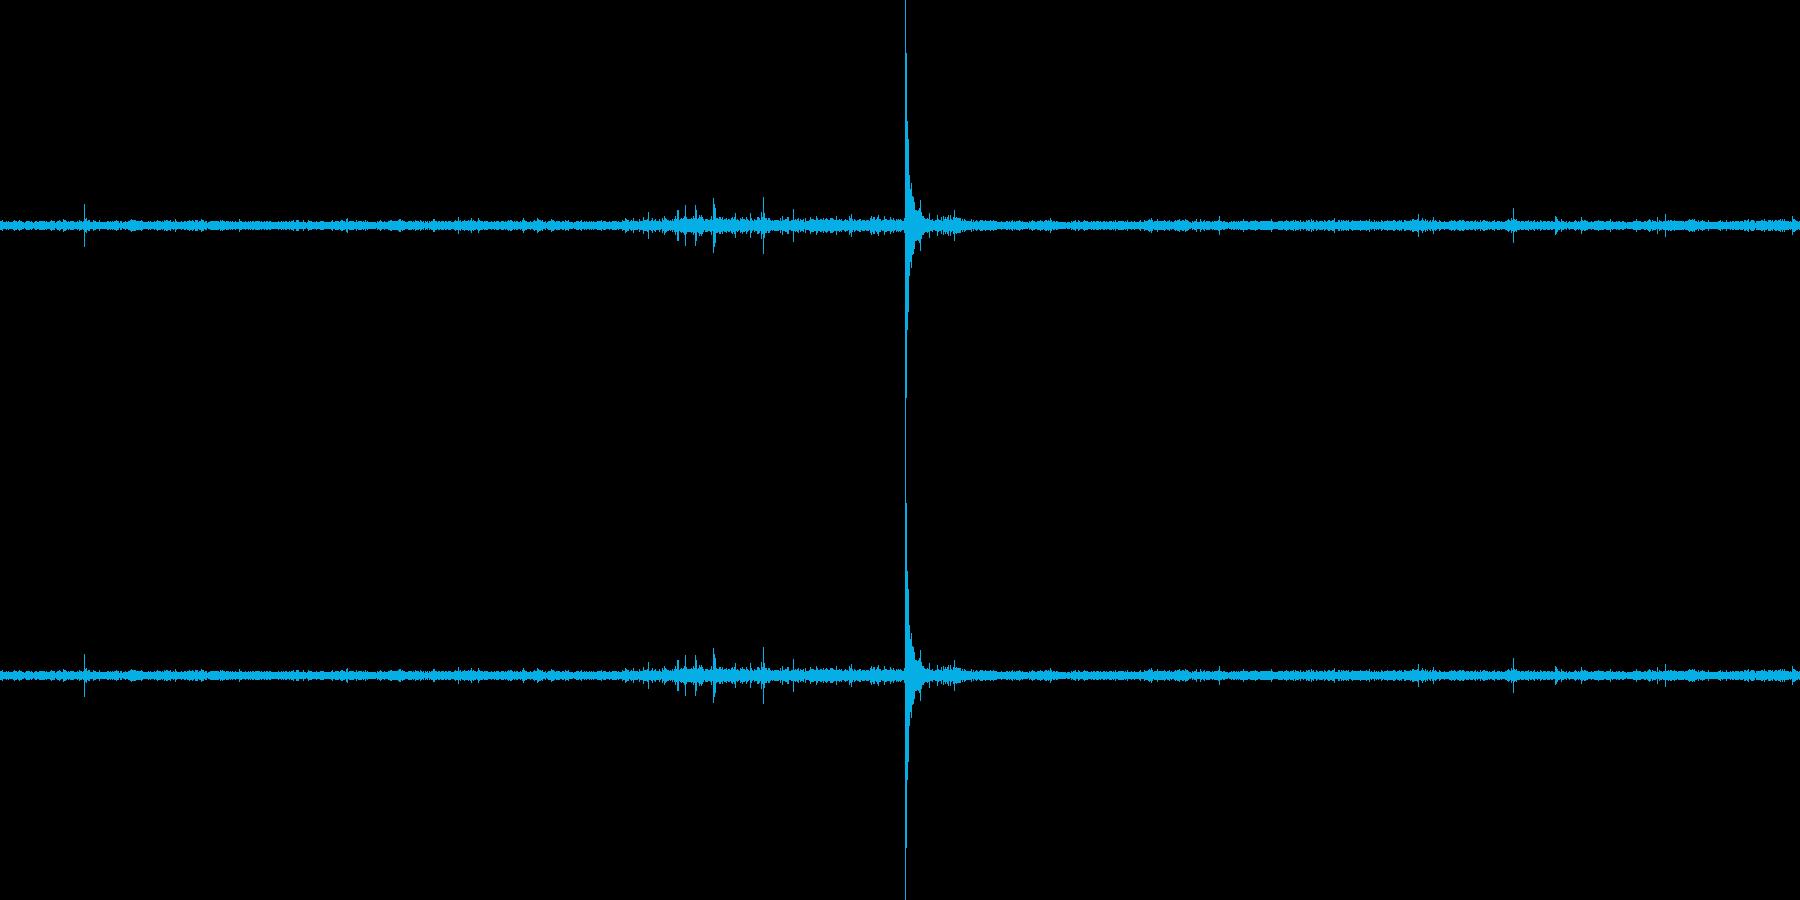 ししおどしの音の再生済みの波形